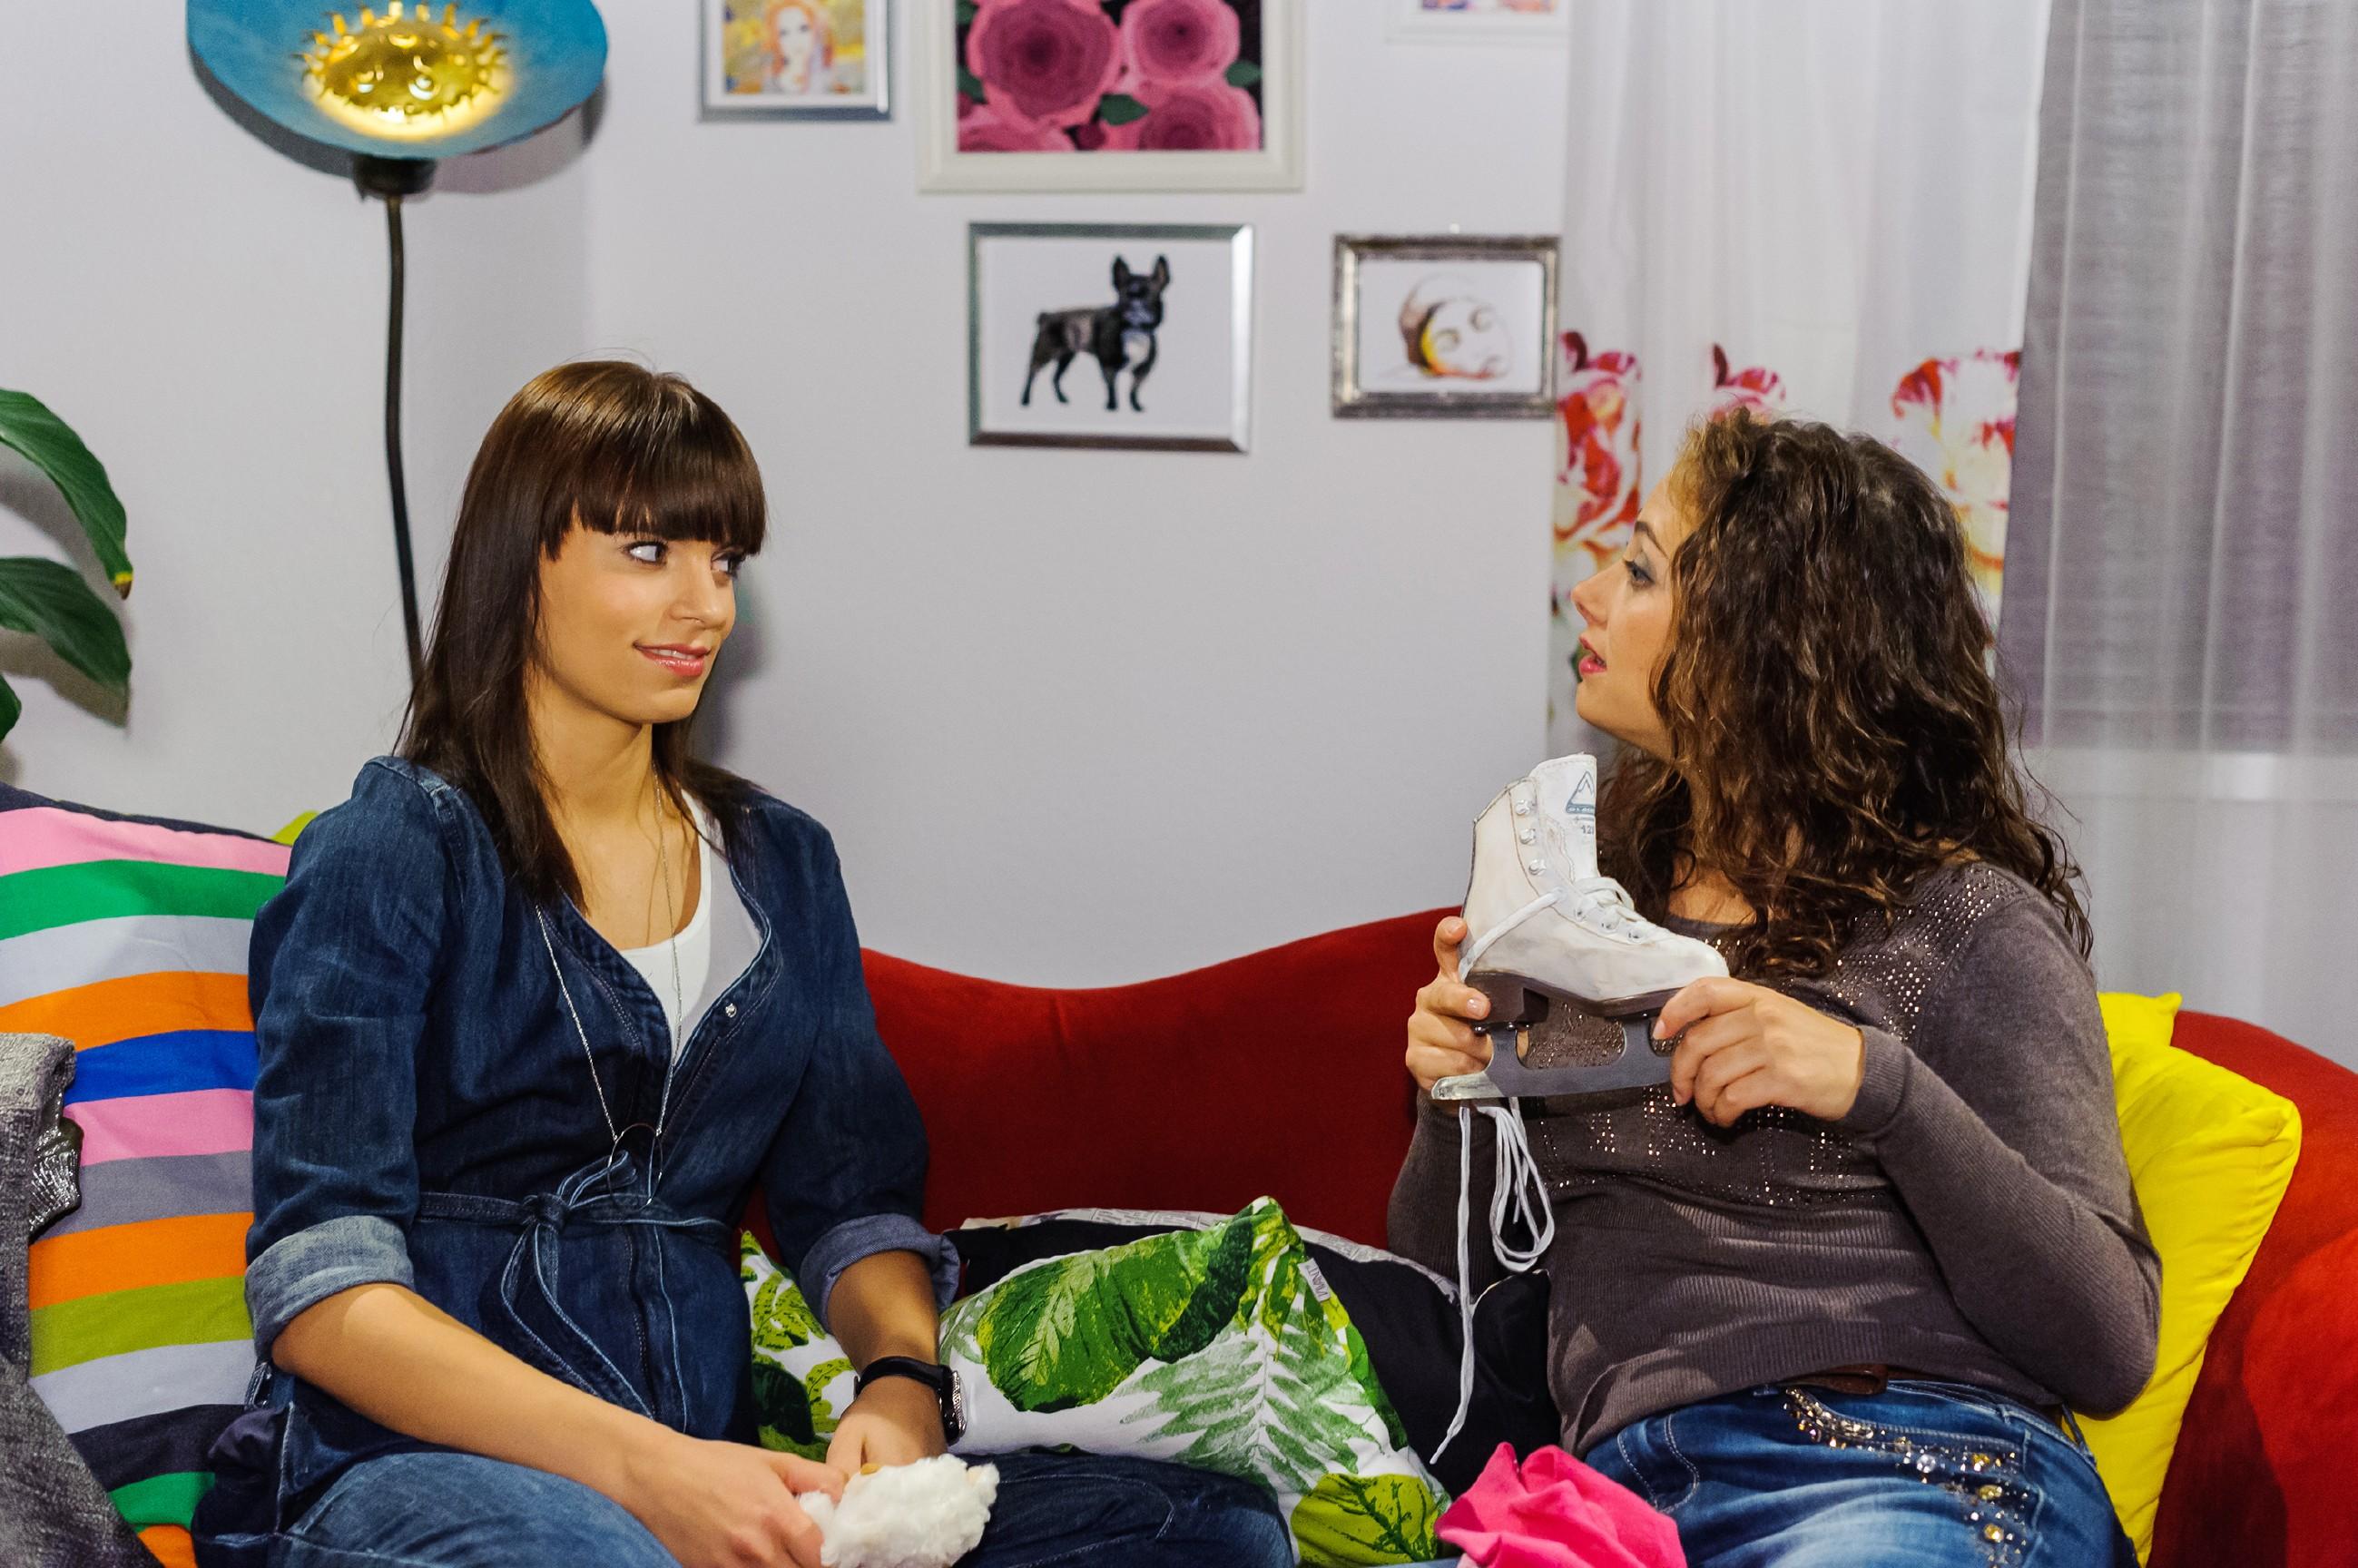 Michelle (Franziska Benz, l.) und Carmen (Heike Warmuth) haben ihren Streit wegen Vincent beigelegt und genießen die wiedergewonnene Nähe. (Quelle: RTL / Julia Feldhagen)